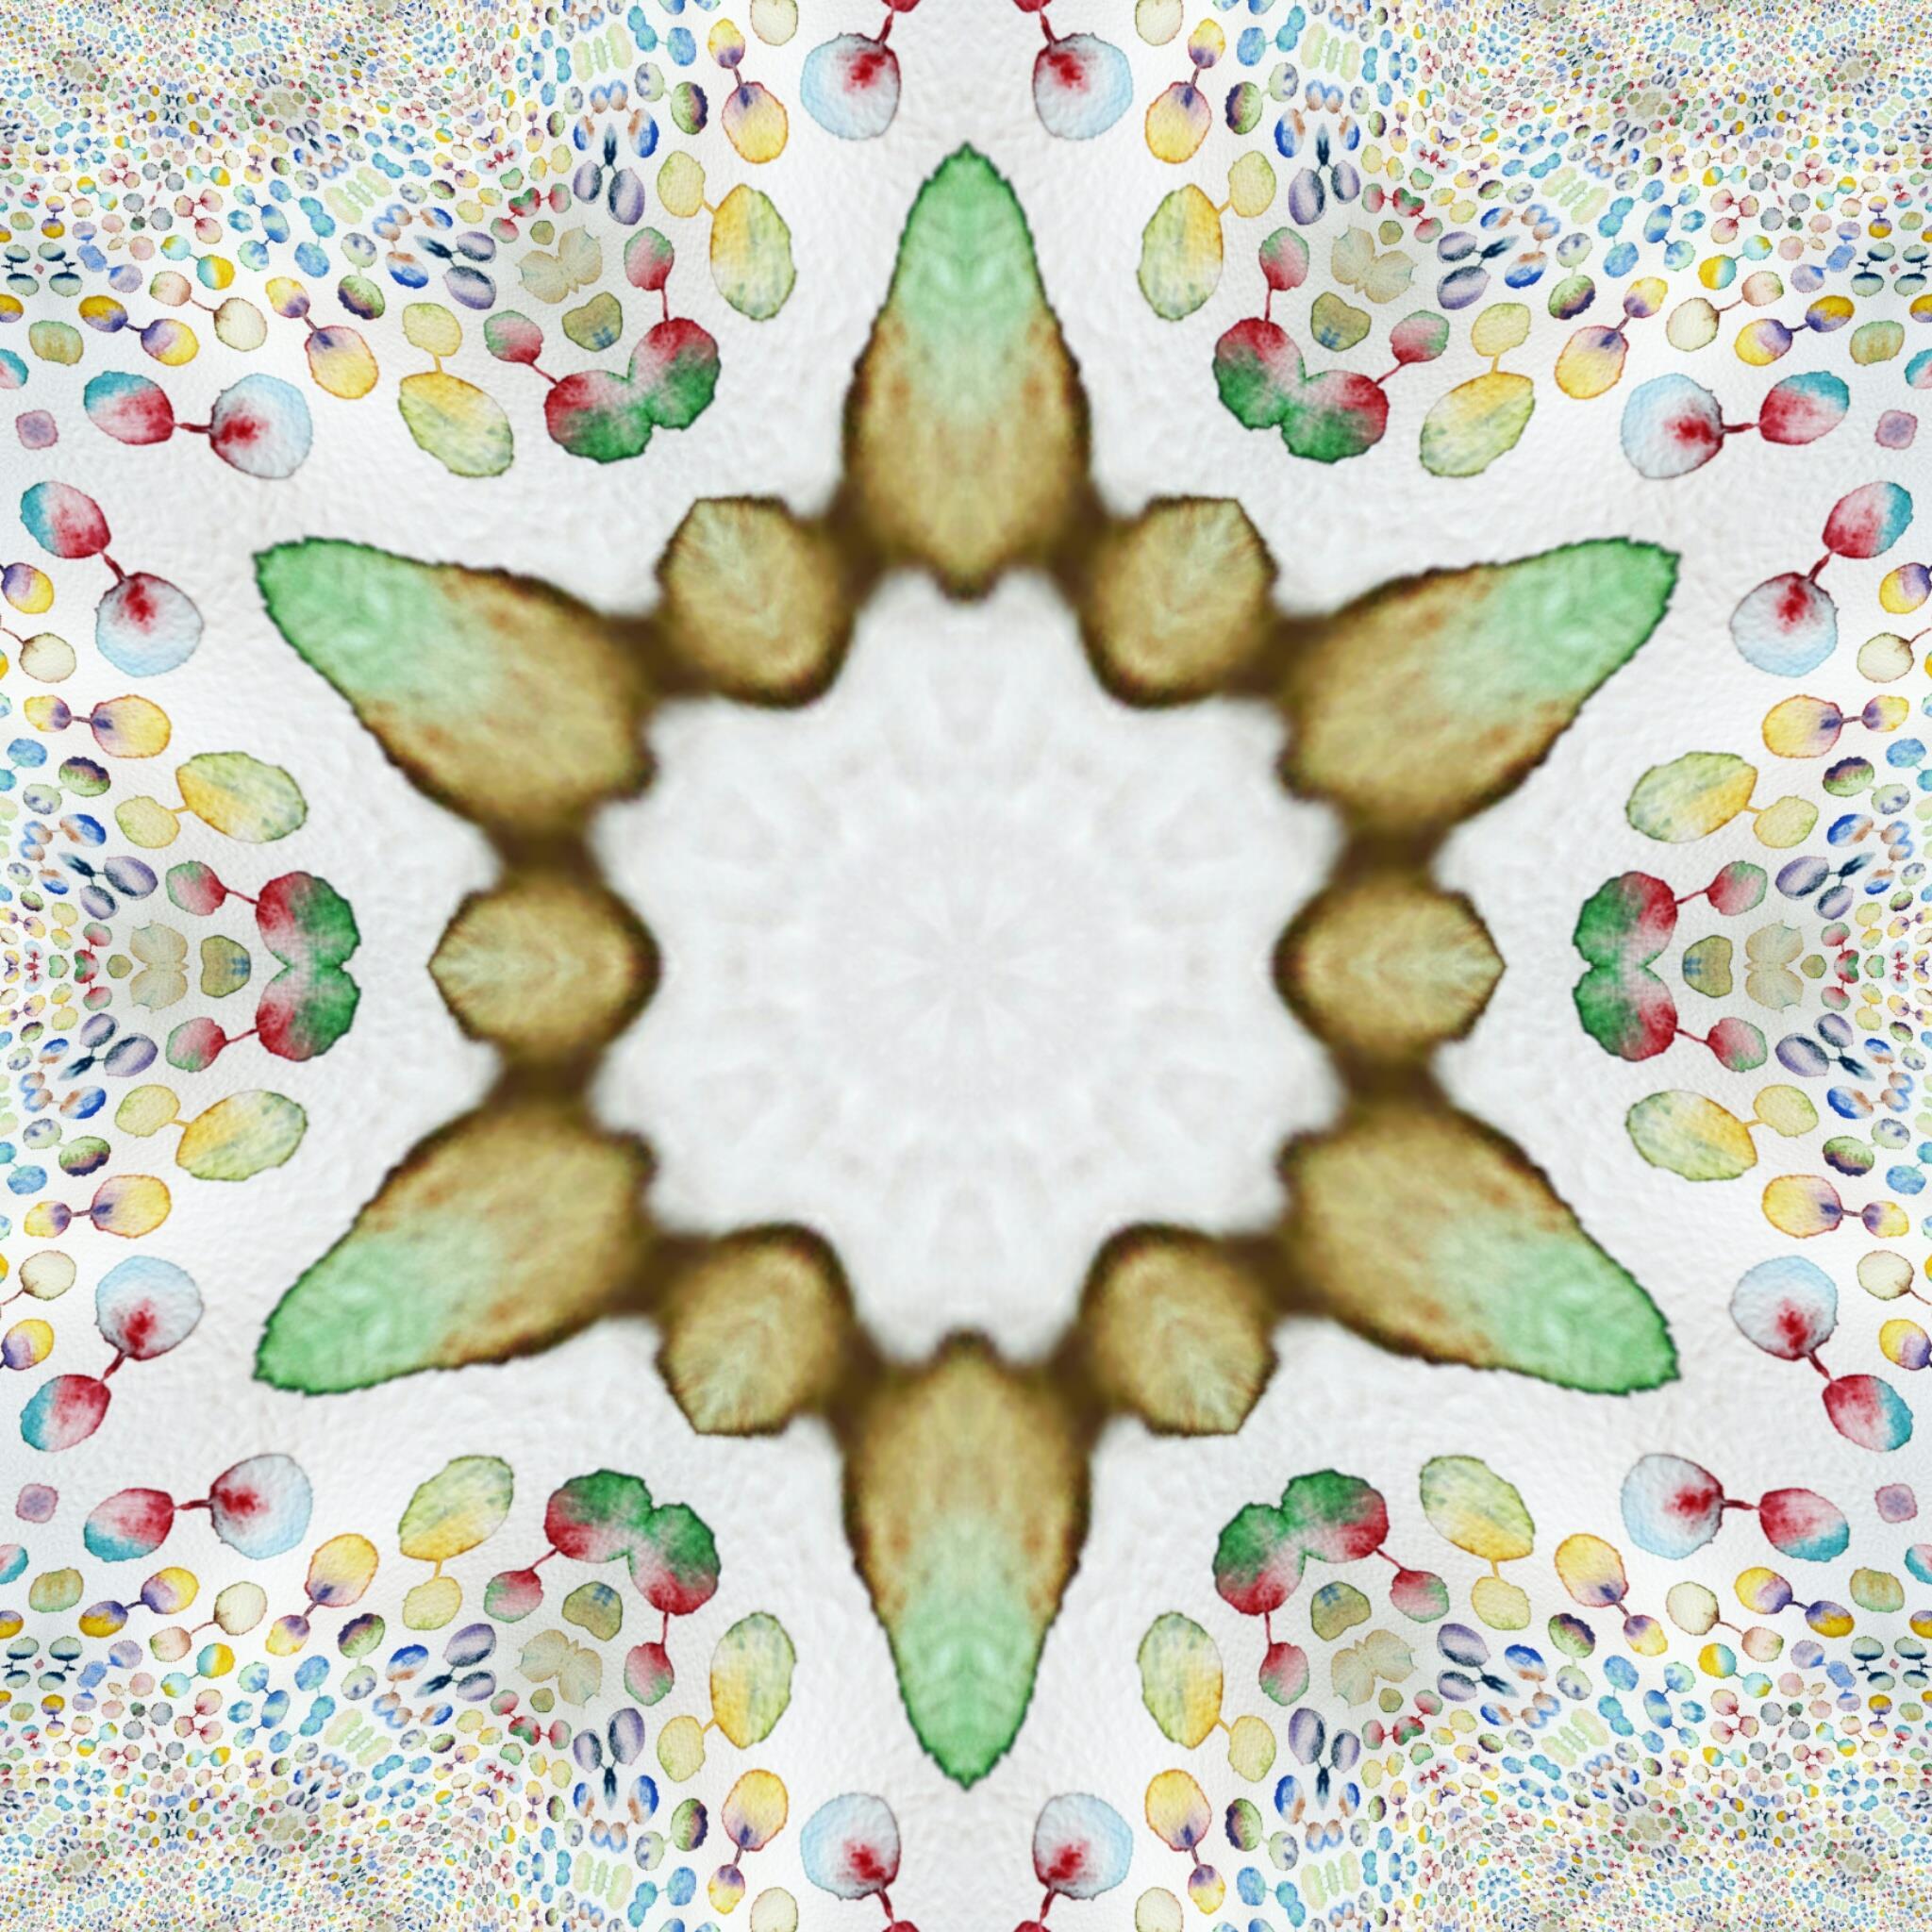 textura-acuarela-lunares (9)